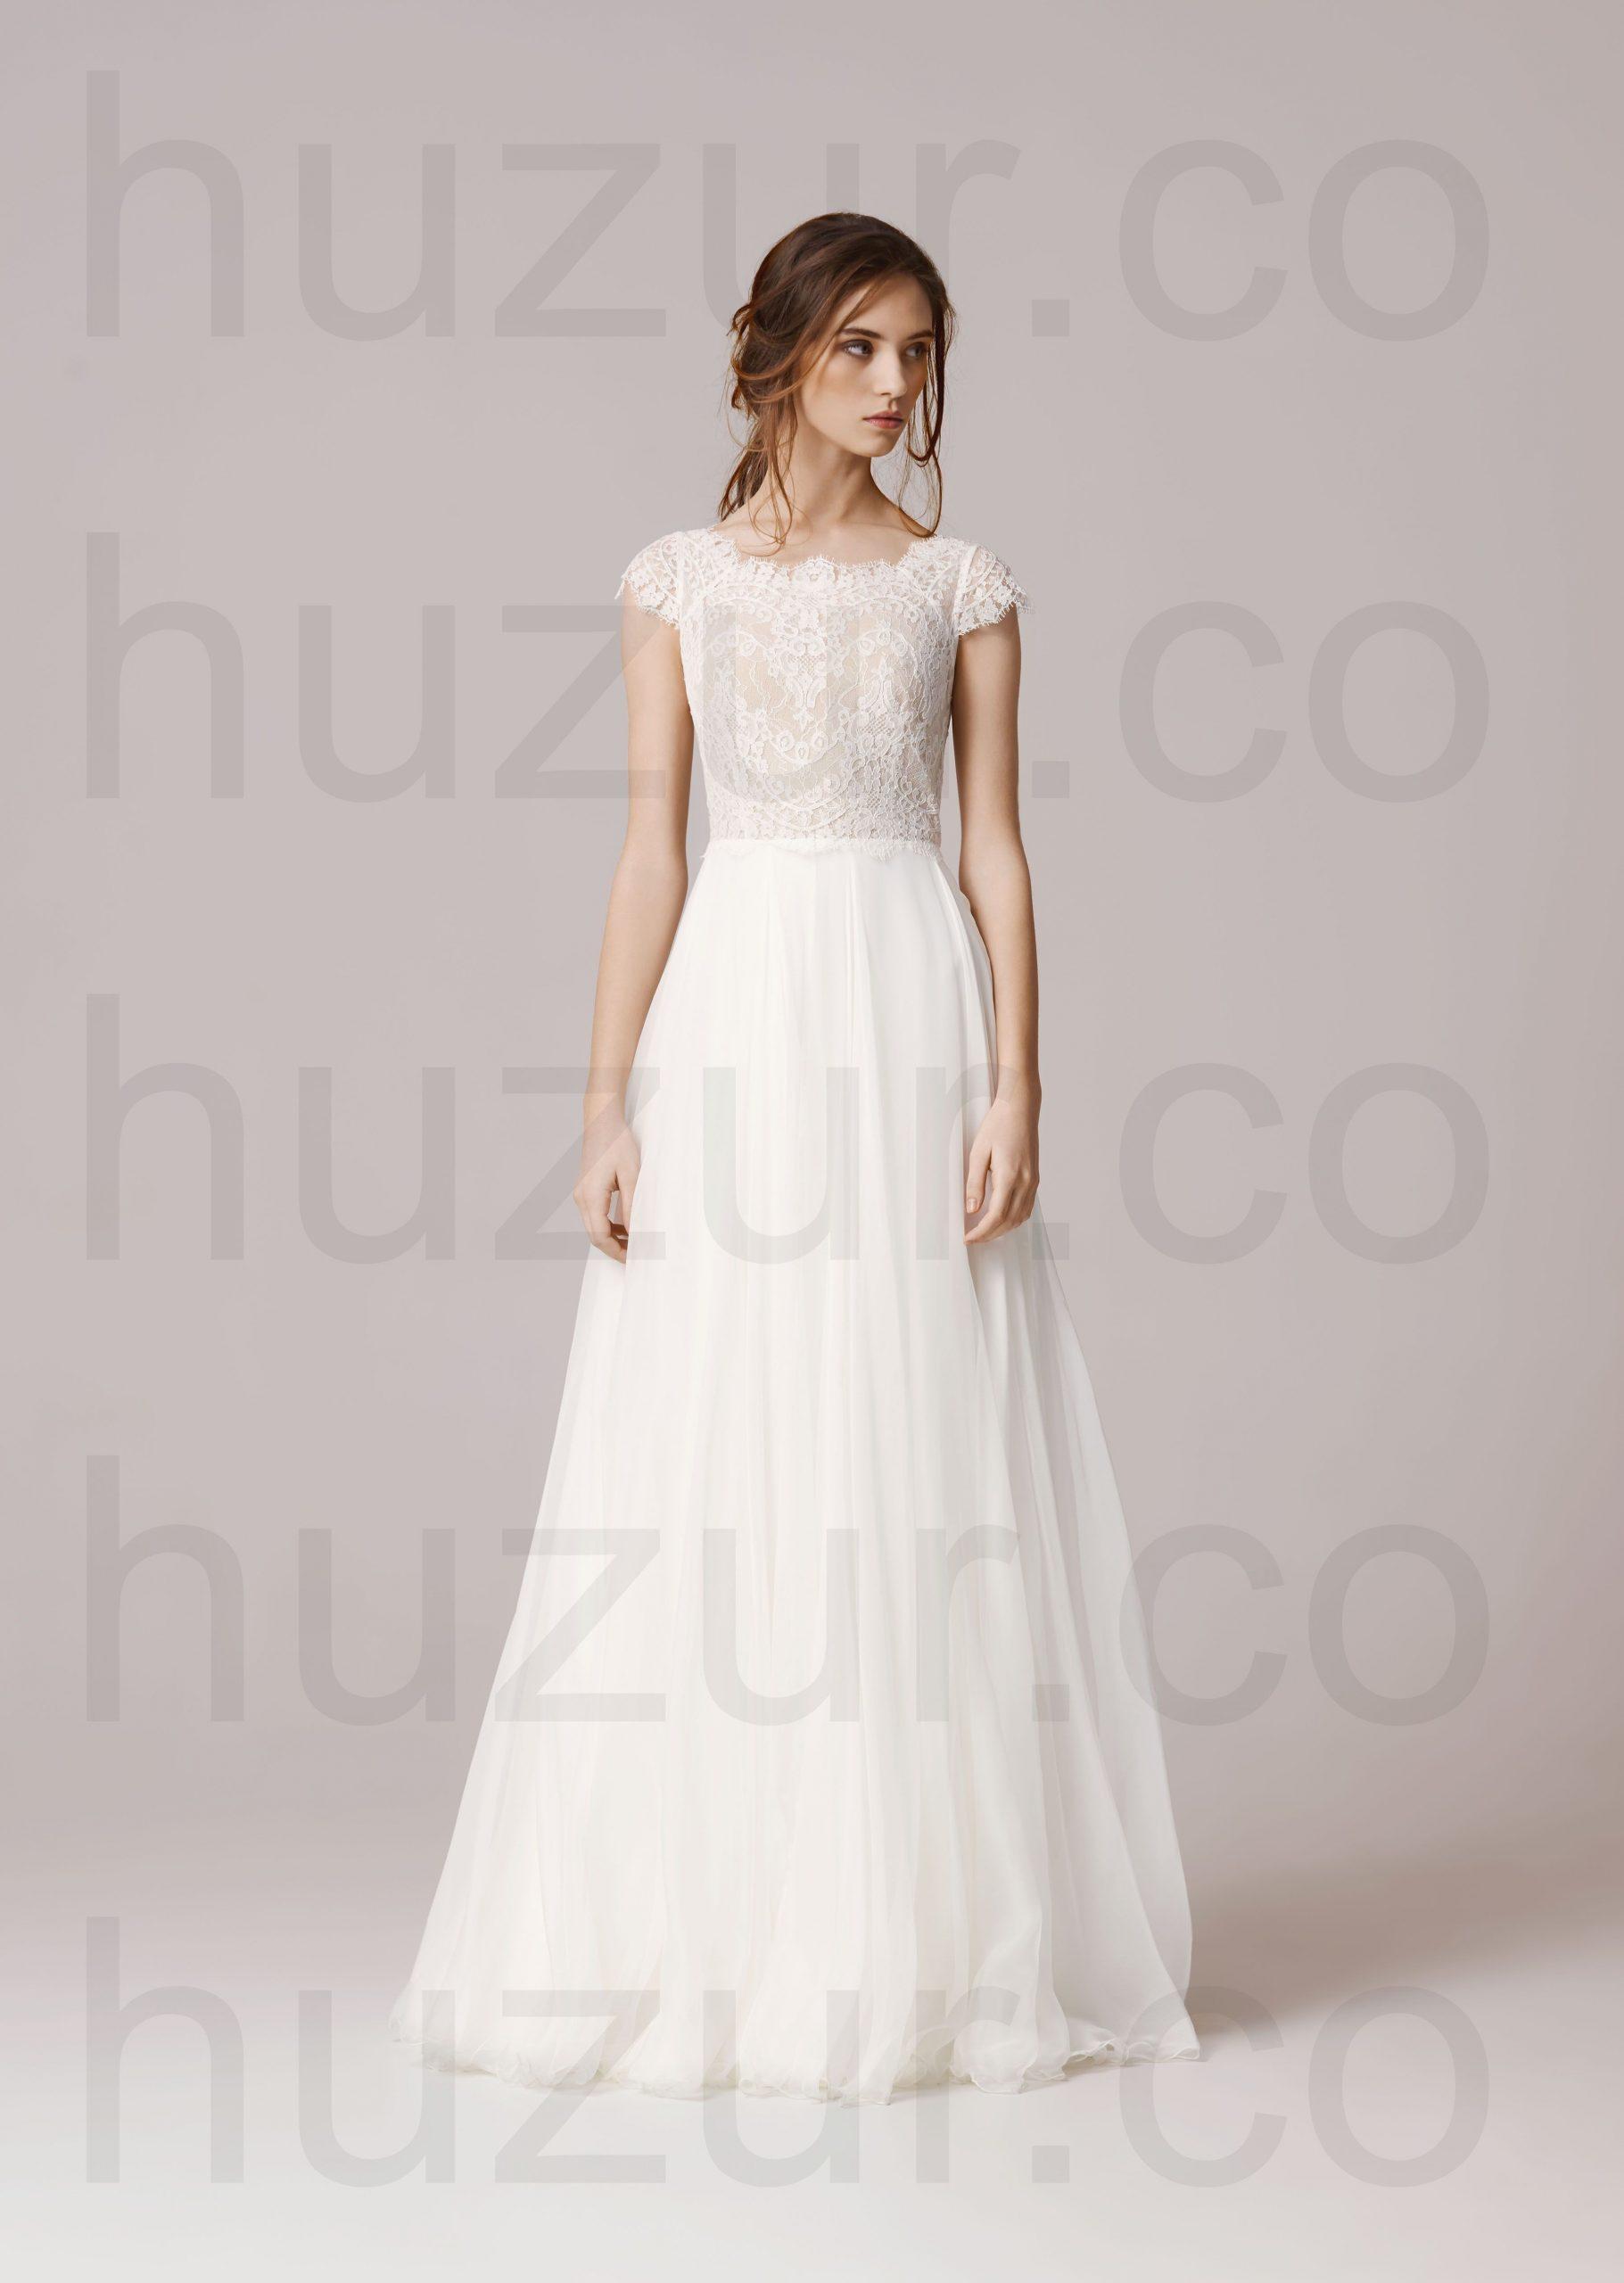 Brautkleid Verkaufen Dortmund  Wedding Dresses